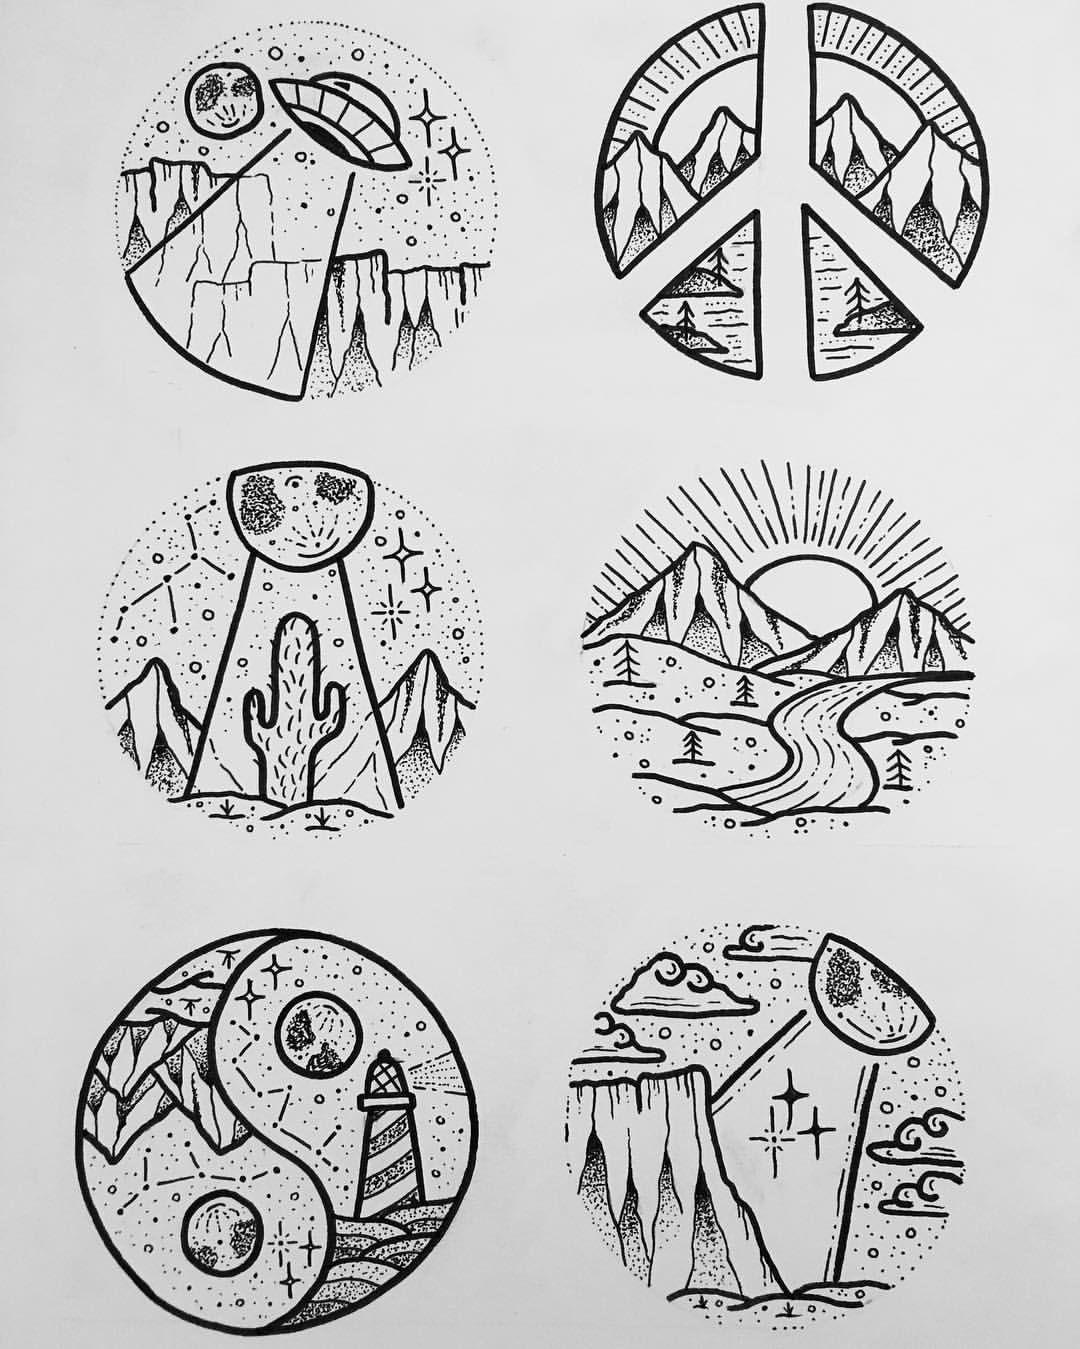 Small edgy tattoo ideas katie s ktkat on pinterest